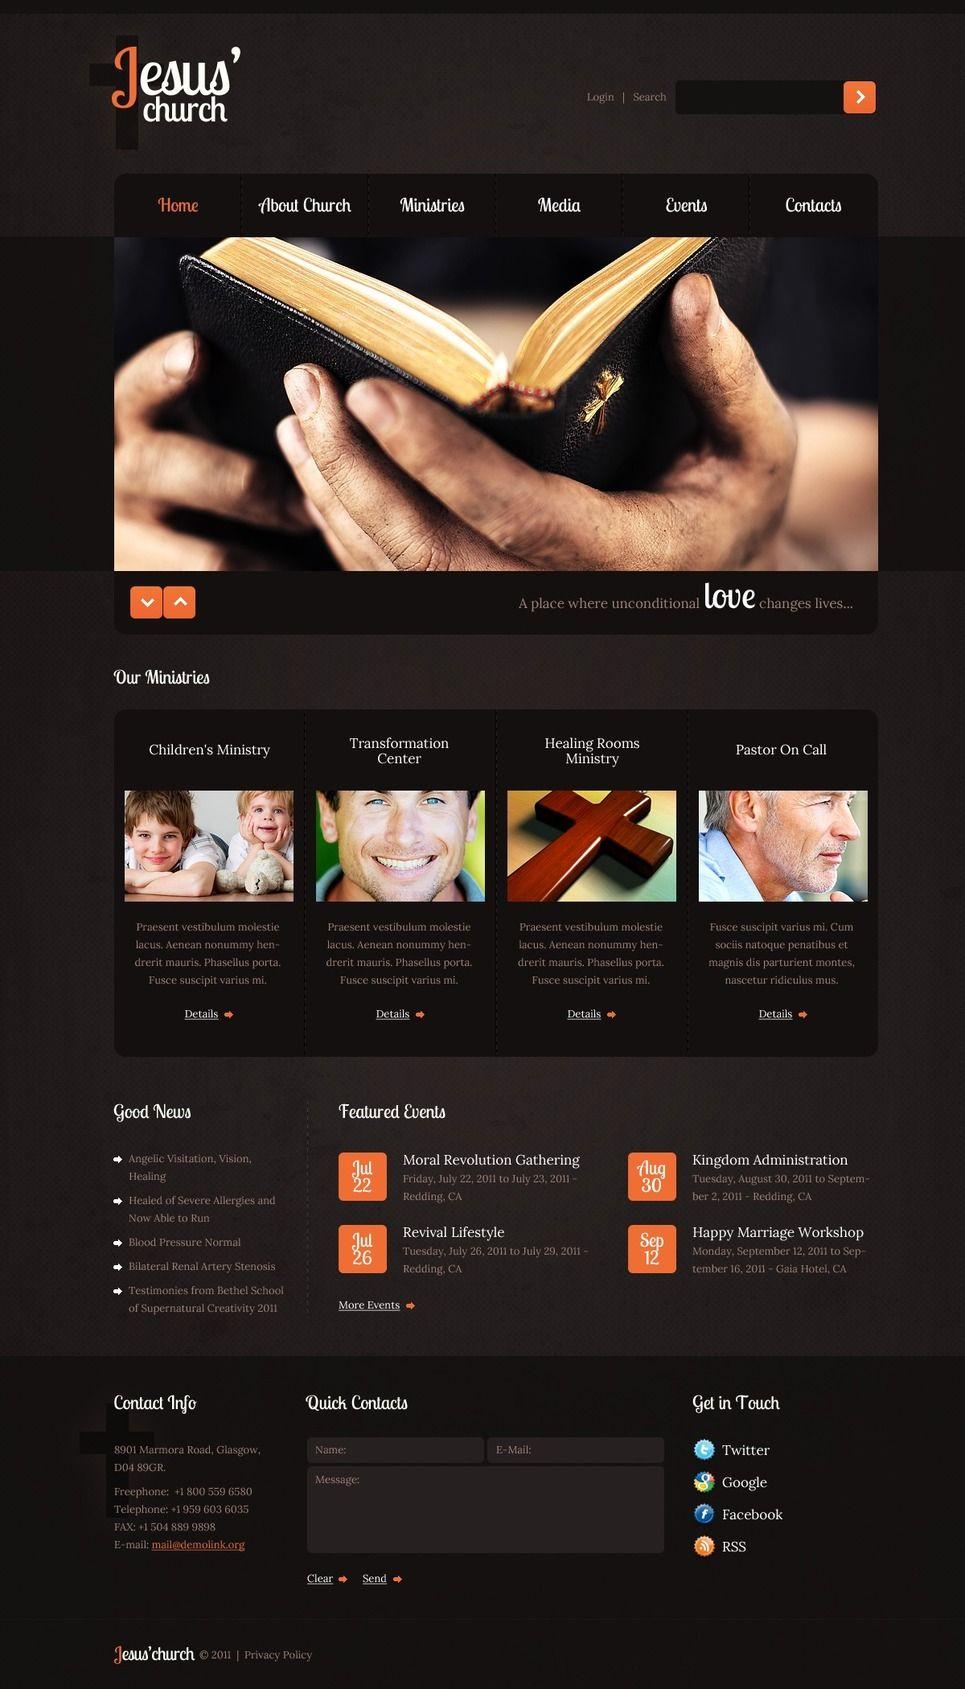 Christian Psd Template Ad Christian Psd Template Psd Templates Templates Web Design Software